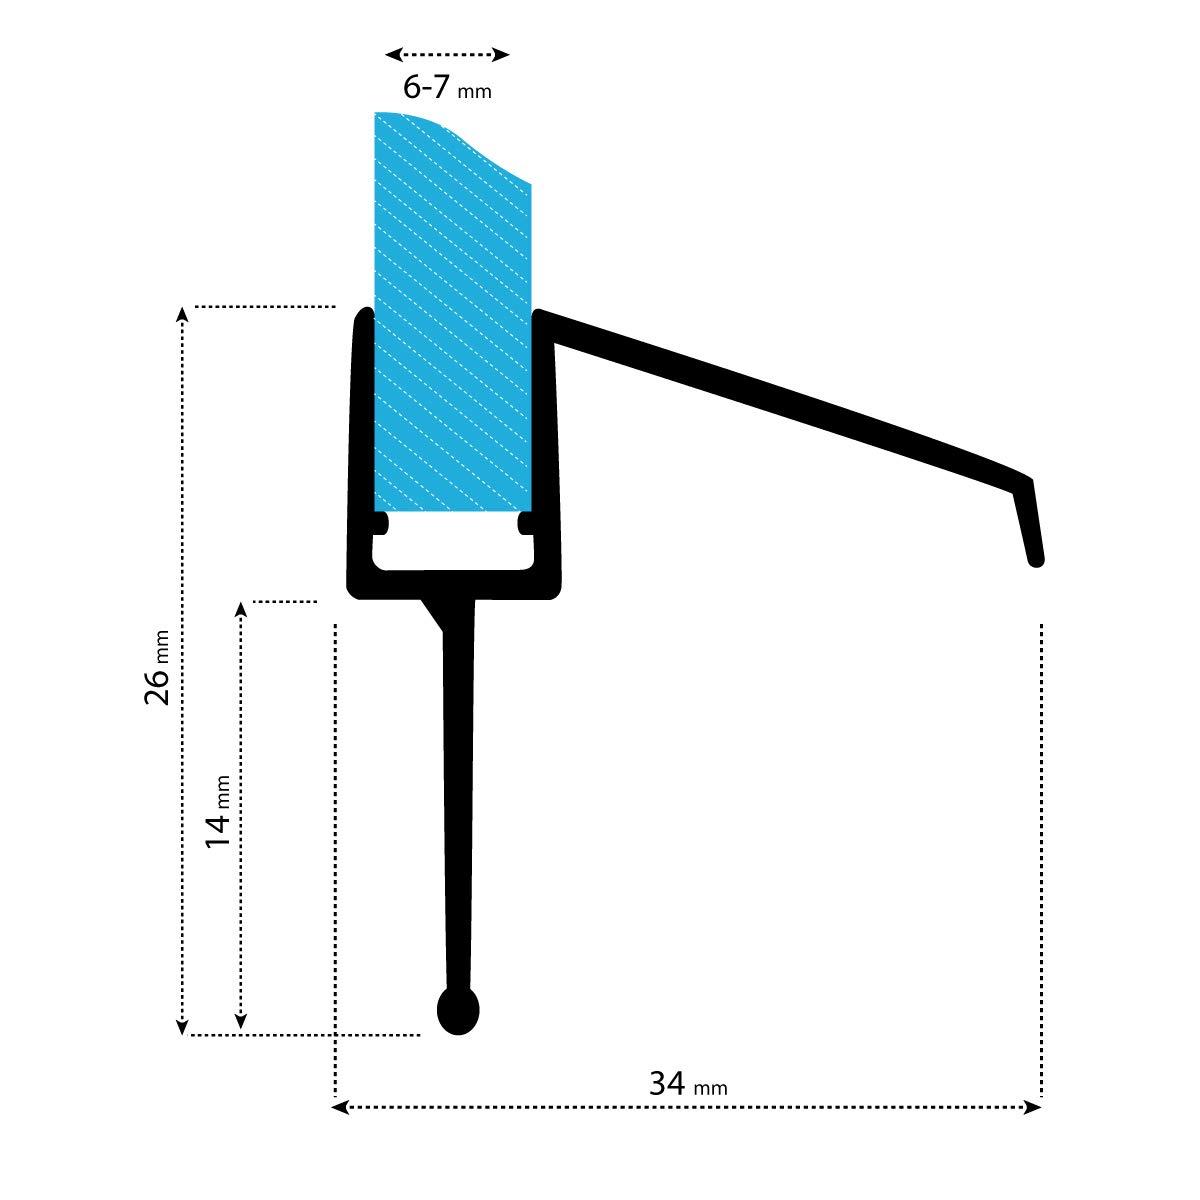 4 mm 5 mm 7 mm Guarnizione Ripara dalle Infaltrazioni dacqua STEIGNER Guarnizione di Ricambio 70 cm UK21 per Vetri di Spessore 3,5 mm 6 mm